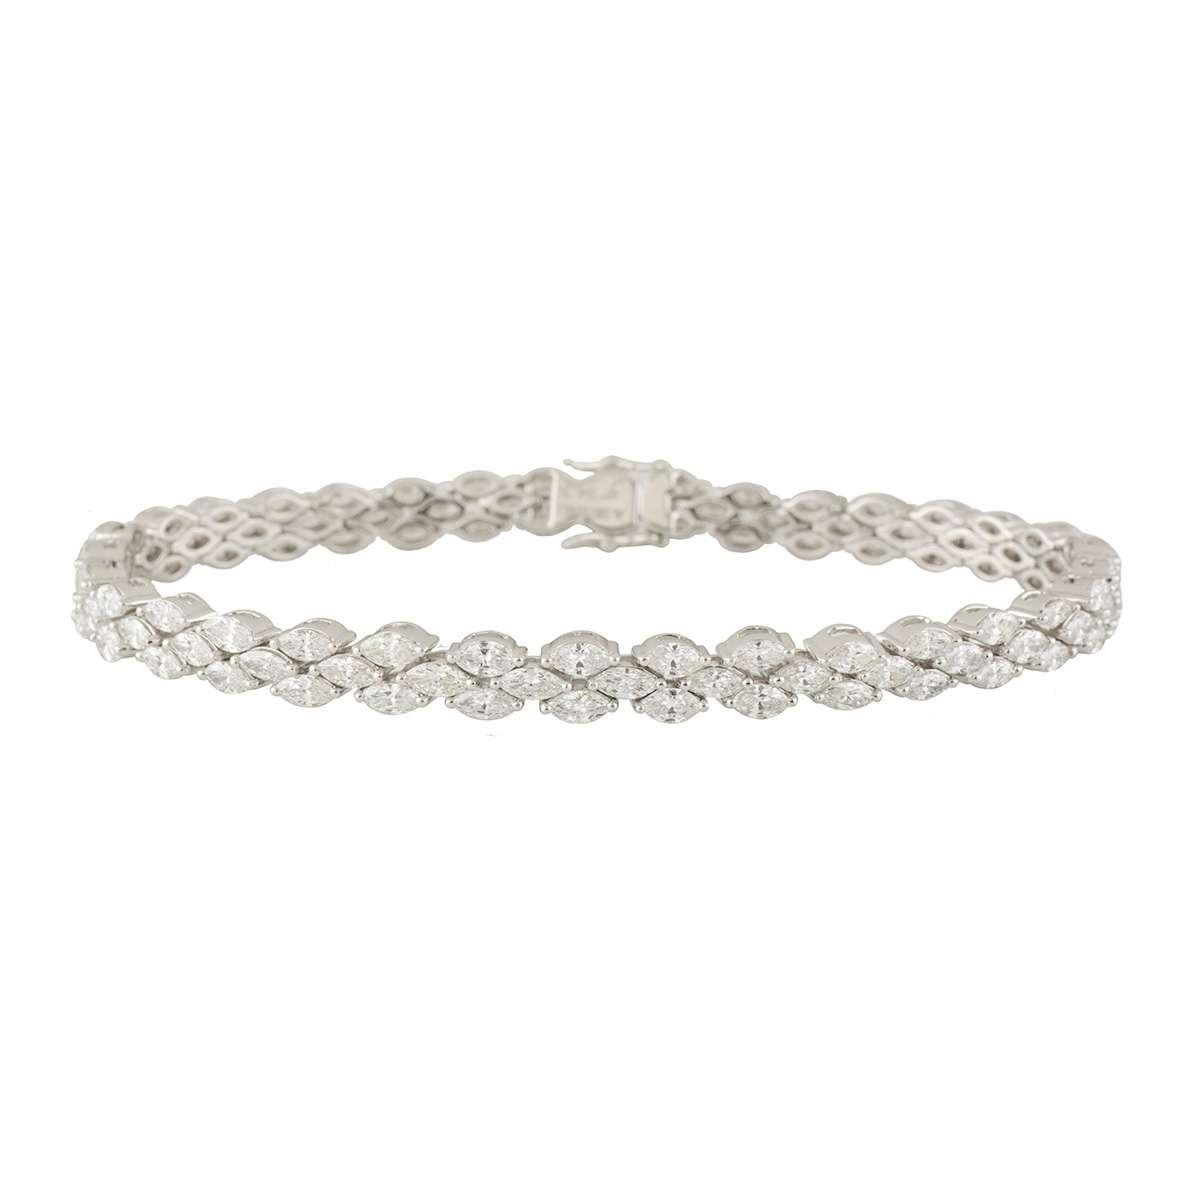 White Gold Diamond Bracelet 6.33ct G-H/VS